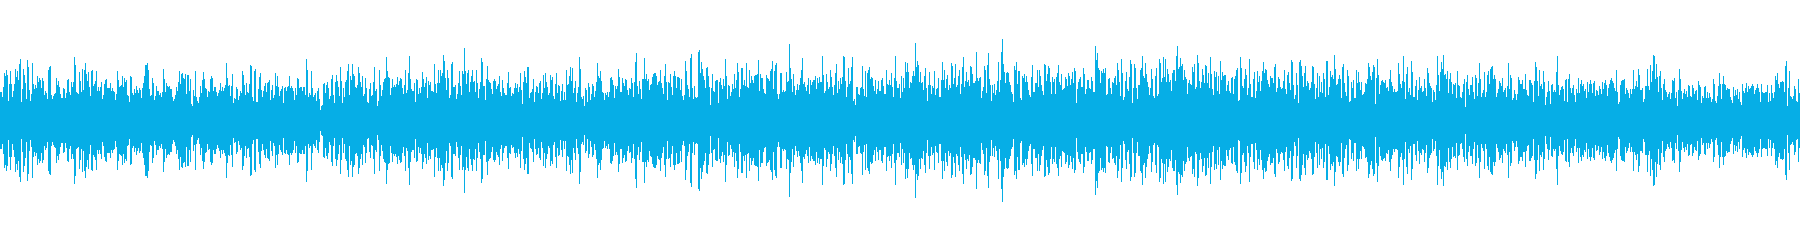 ガス炉アイドル下部の再生済みの波形